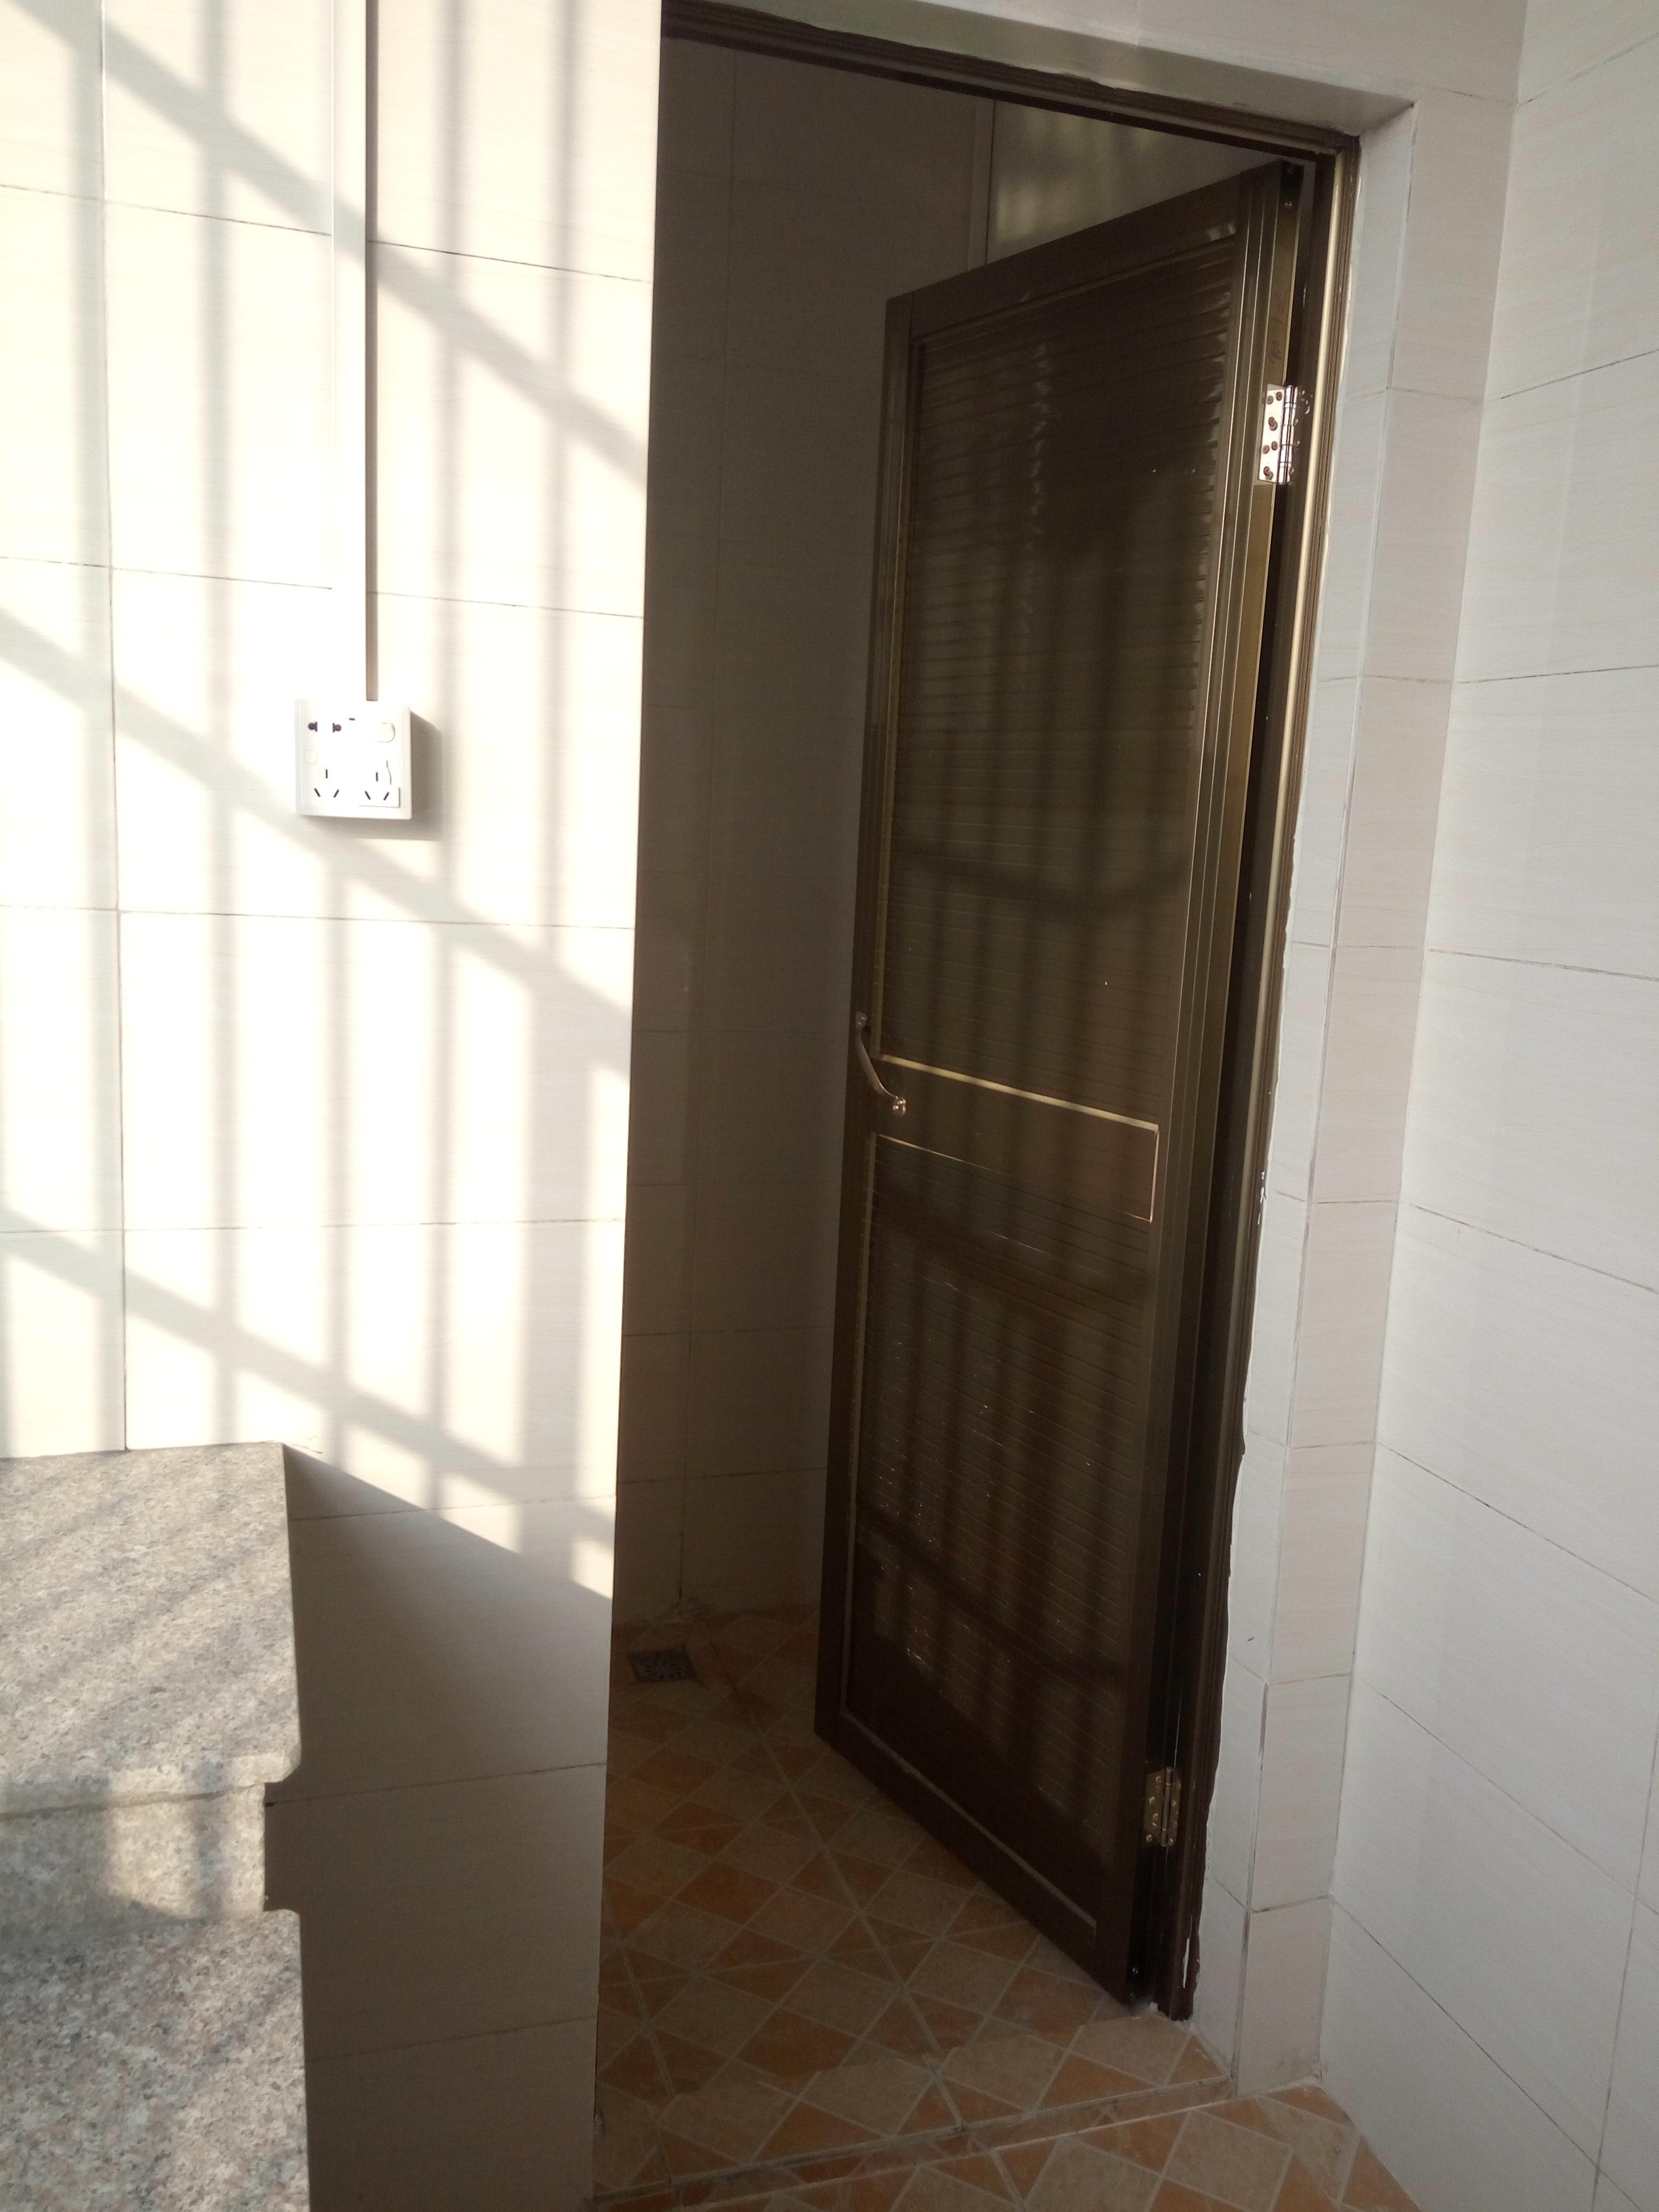 出租房洗手间装修工程施工